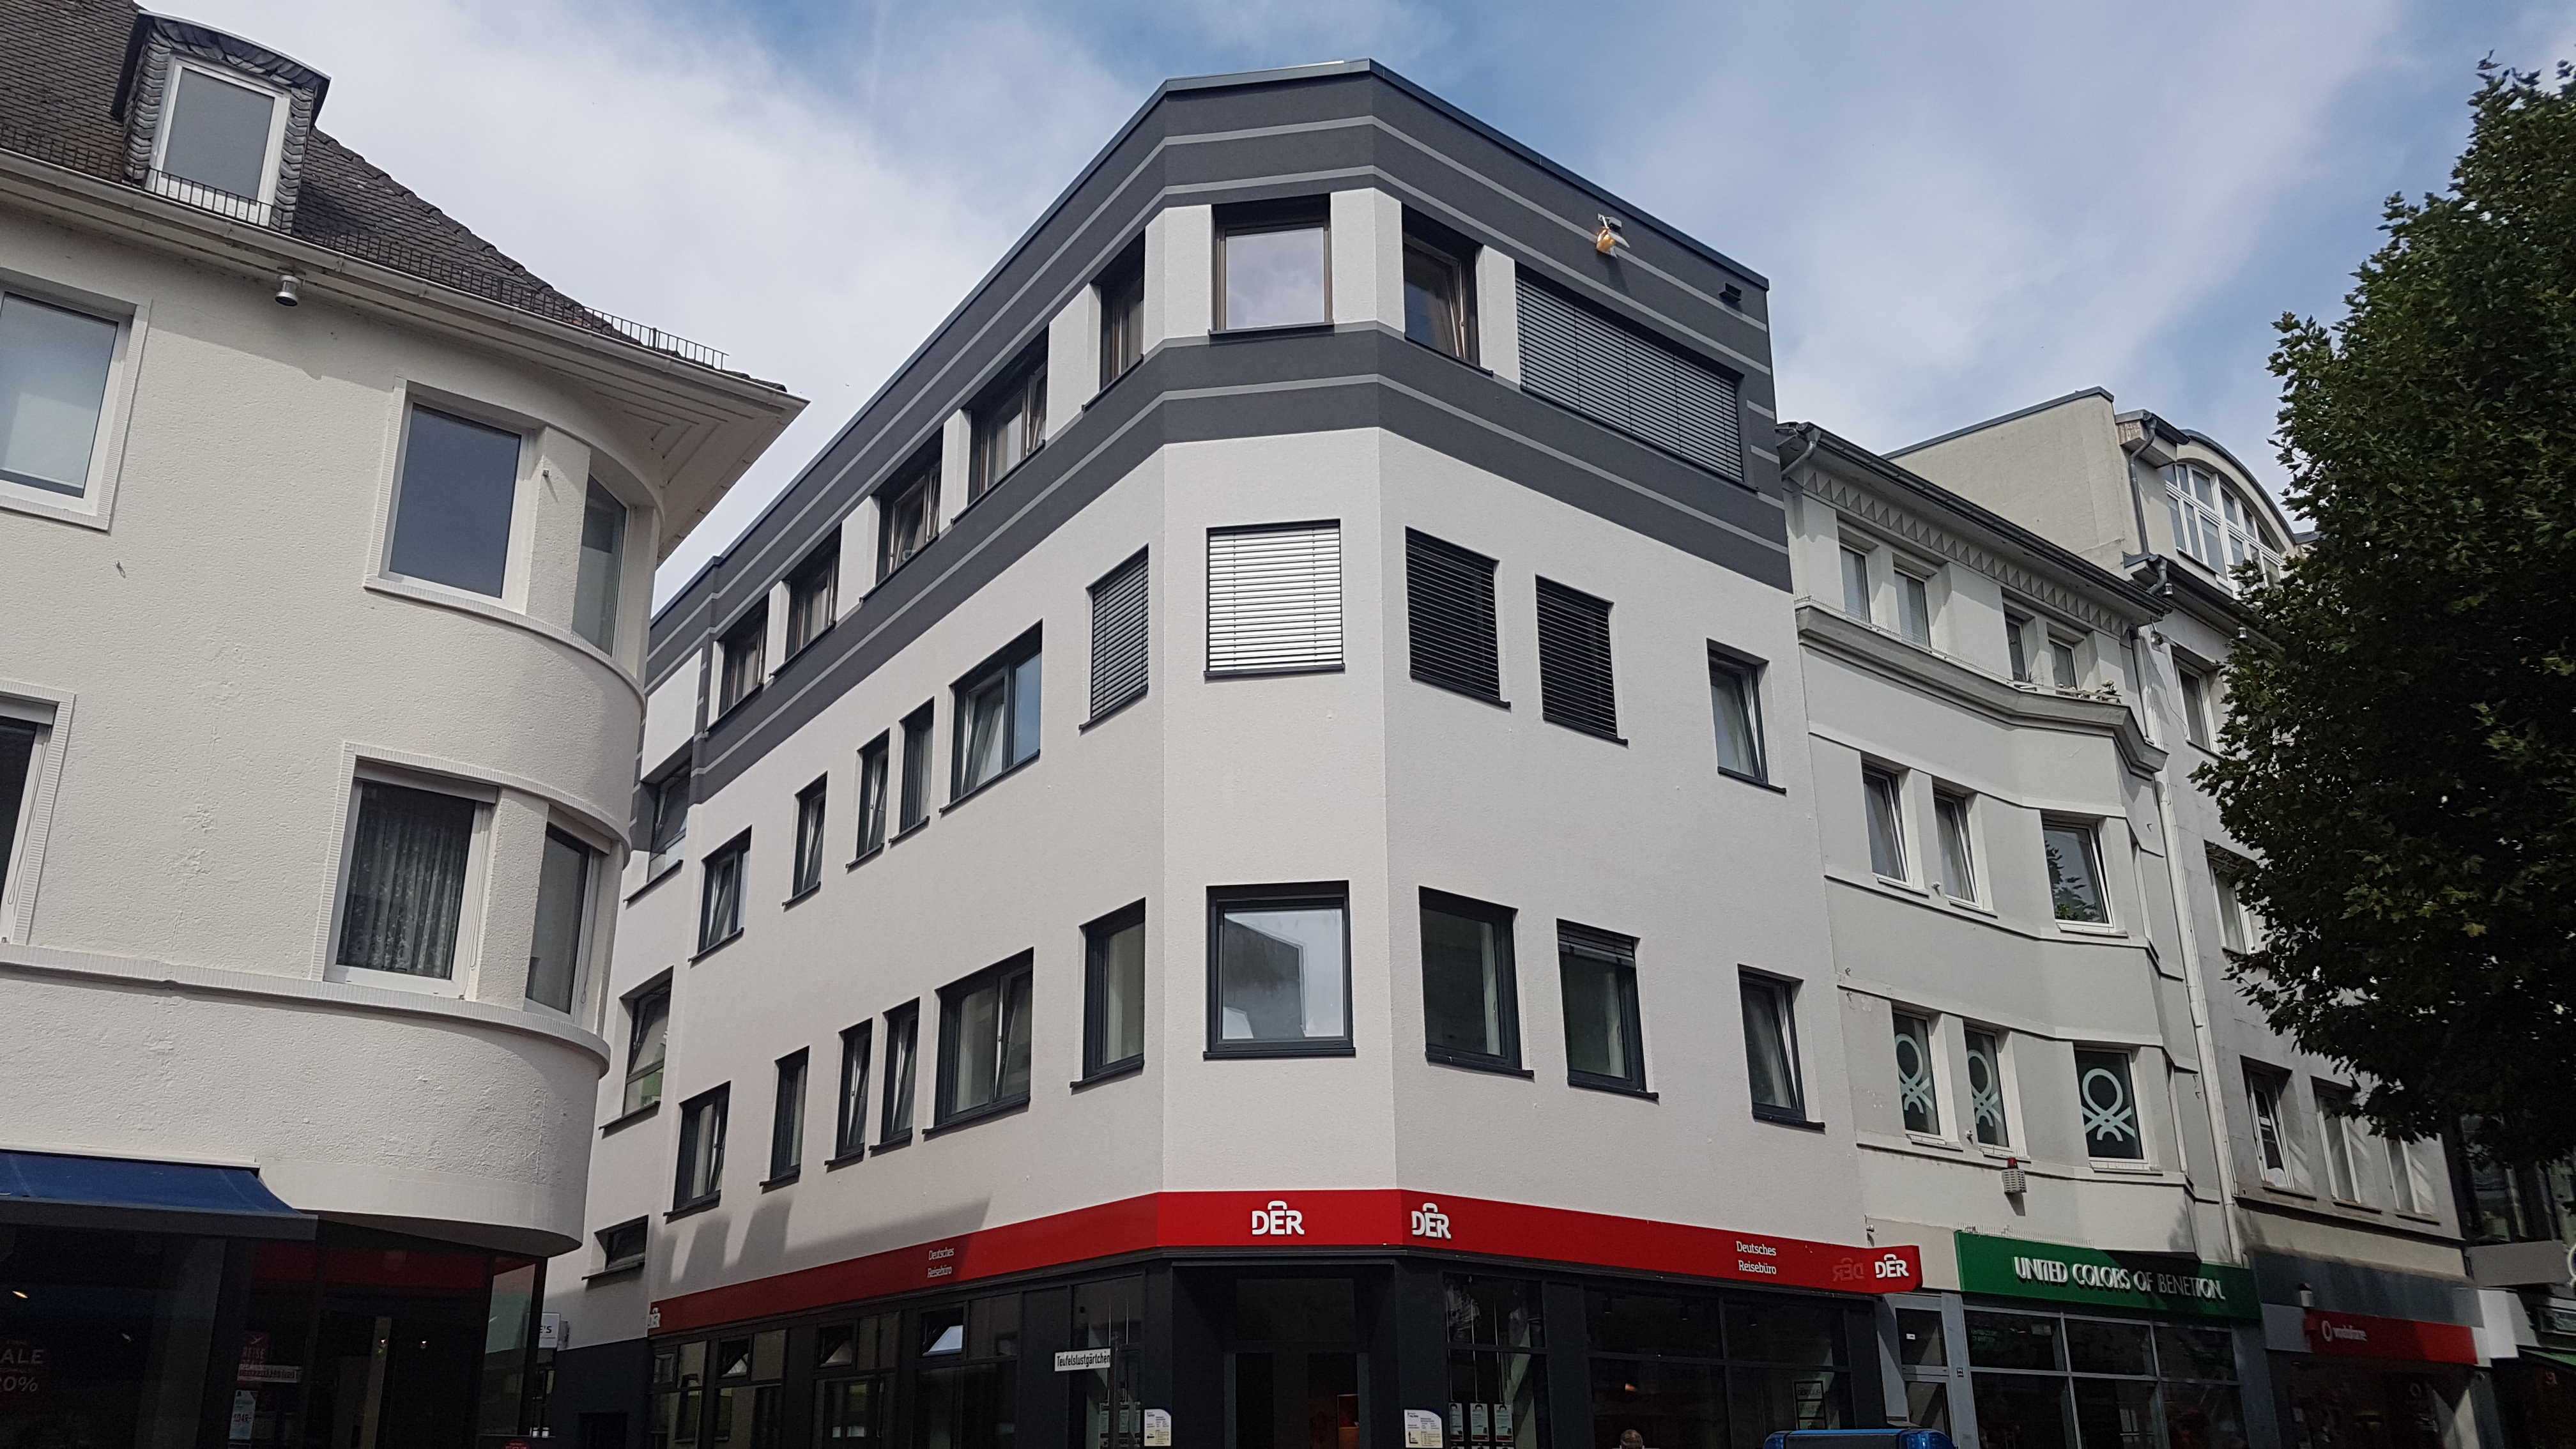 Wohnungen | Claus R. Menges GmbH